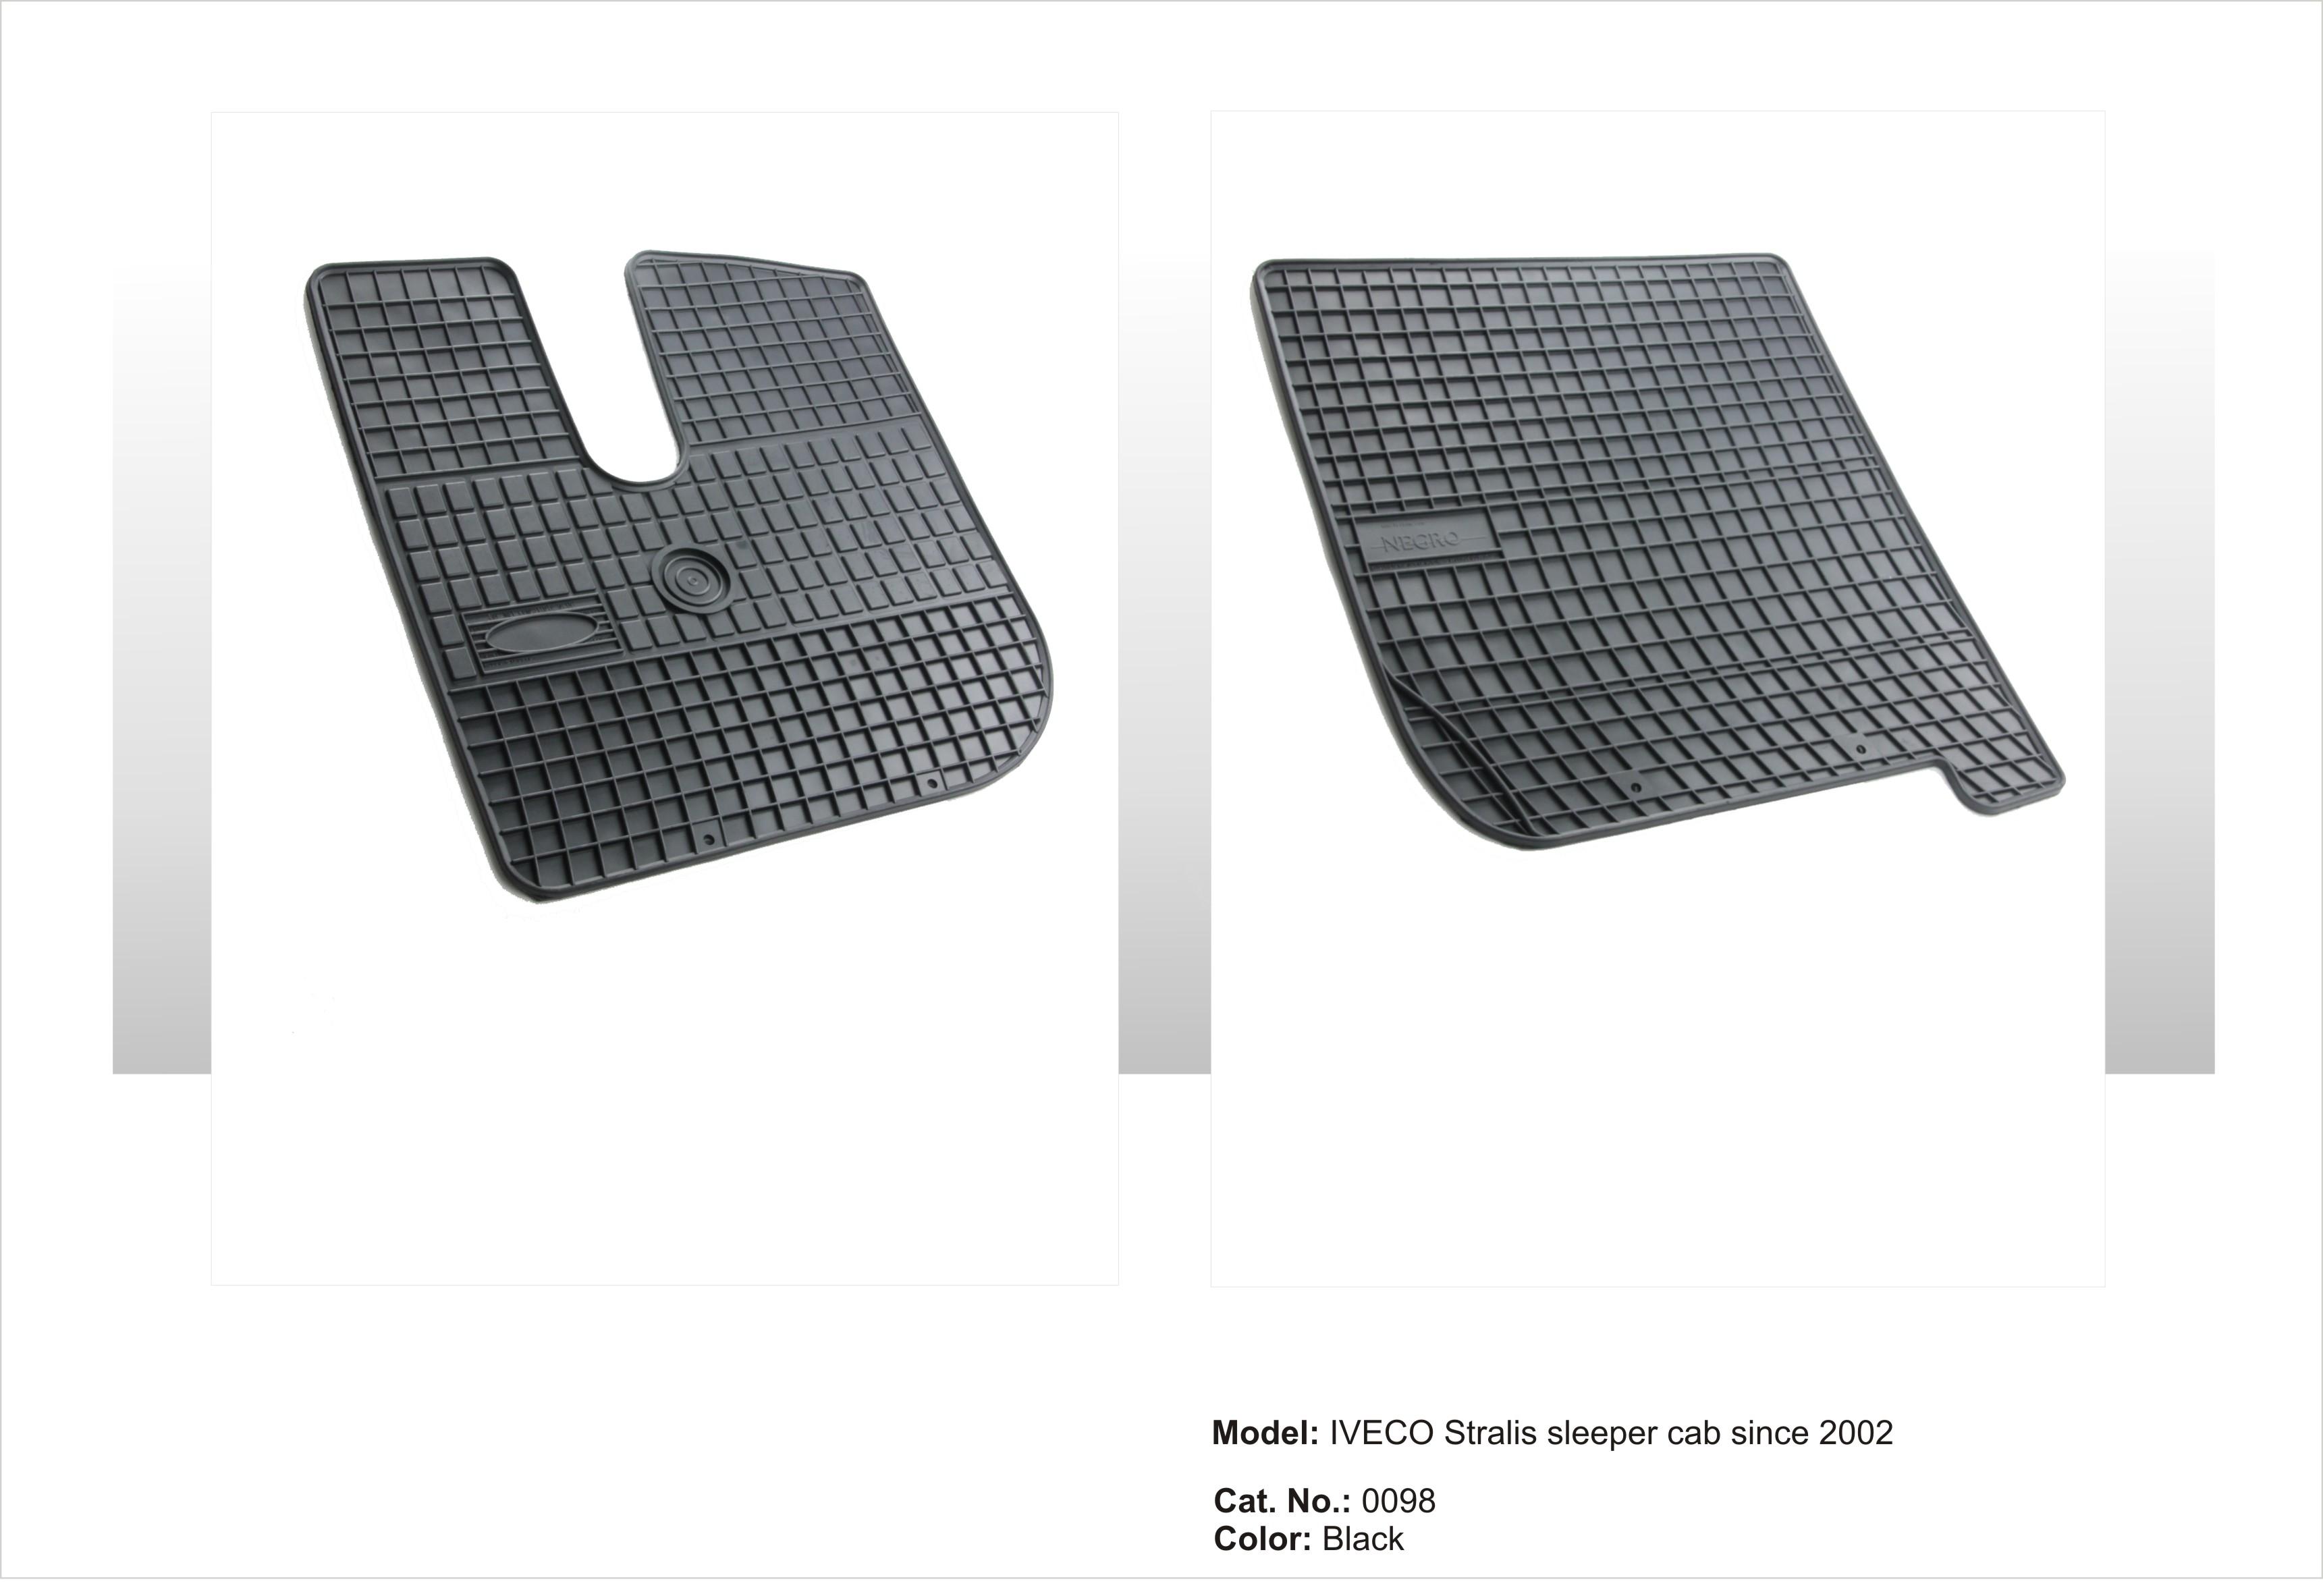 Gumové rohože Iveco STARLIS - veká kabina since 2002